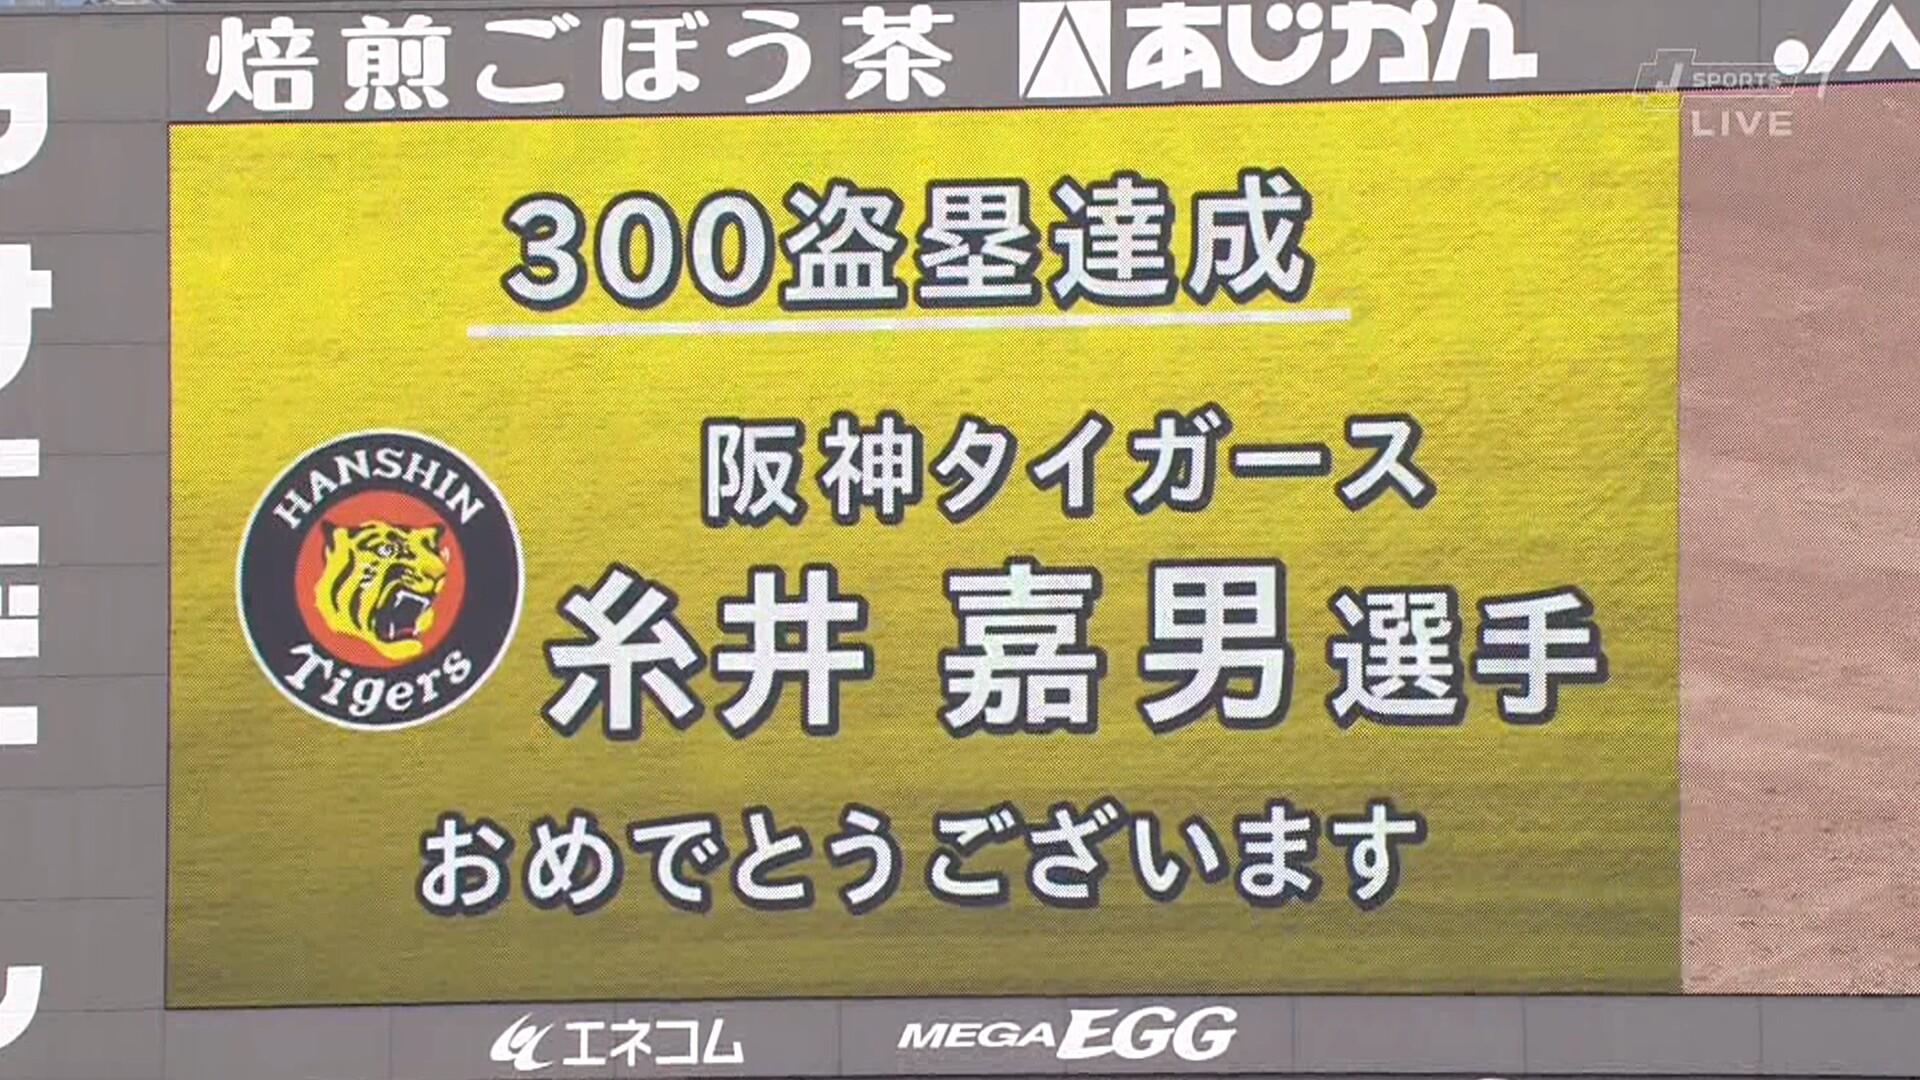 阪神・糸井、ついに!とうとう!ようやく!通算300盗塁達成キタ━━━(゚∀゚)━━━!!